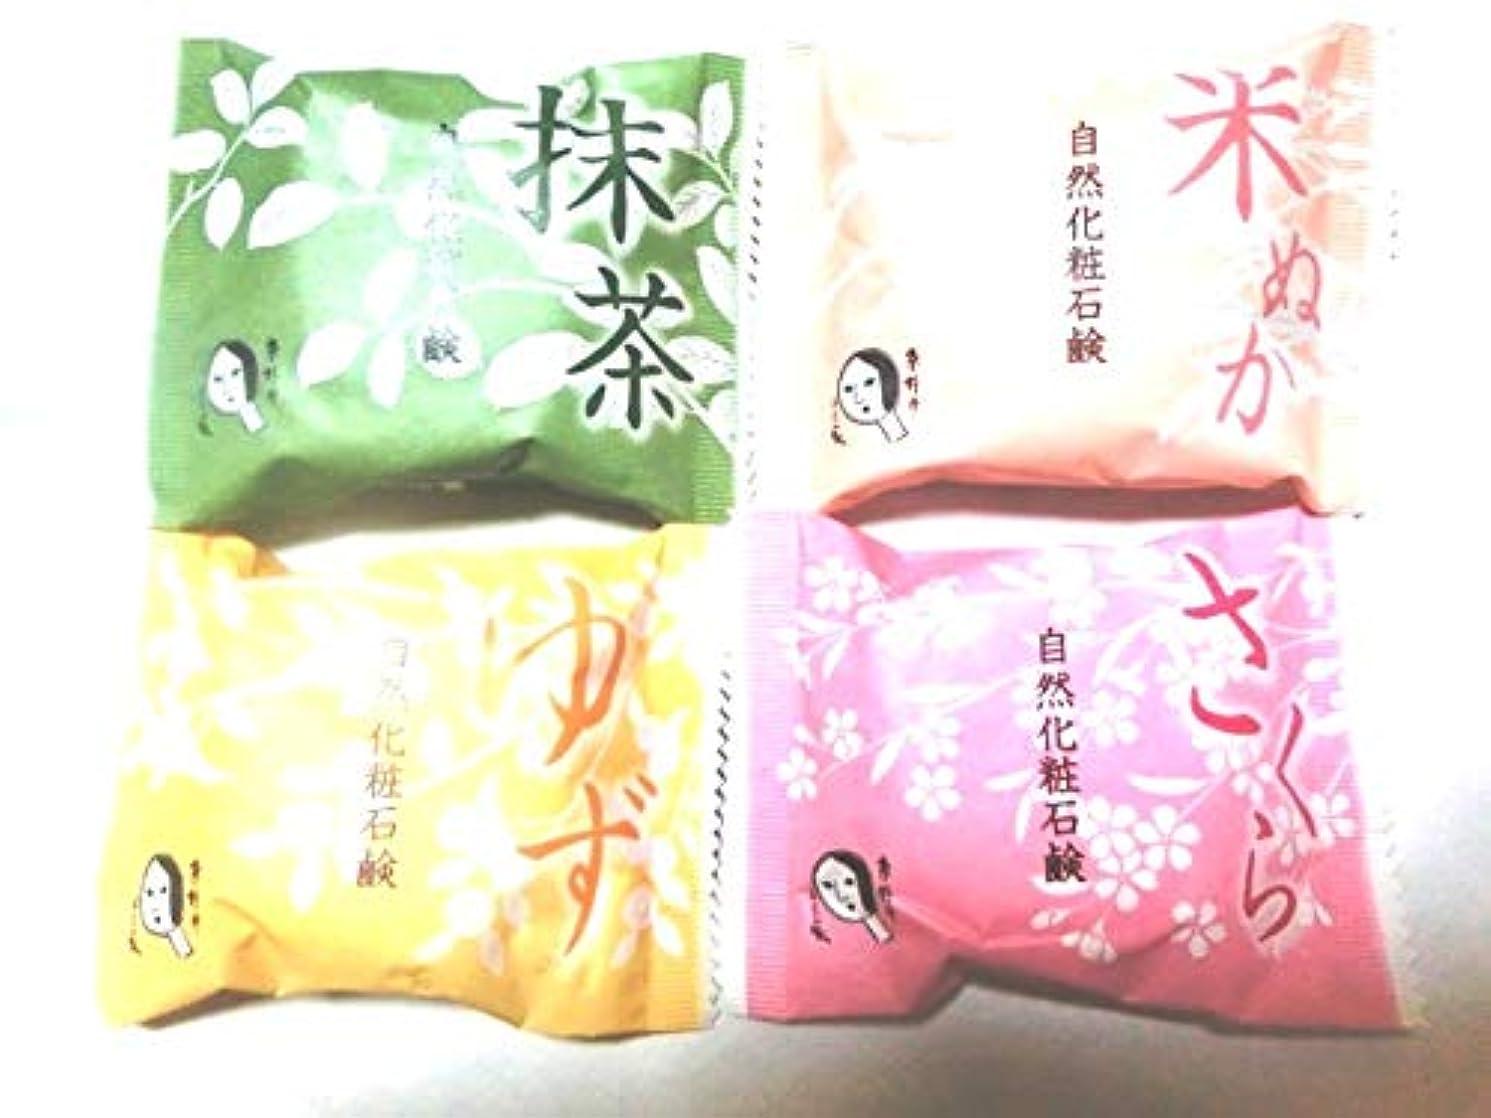 超越するちょうつがい仮説よーじや 自然化粧石鹸 50g (抹茶)